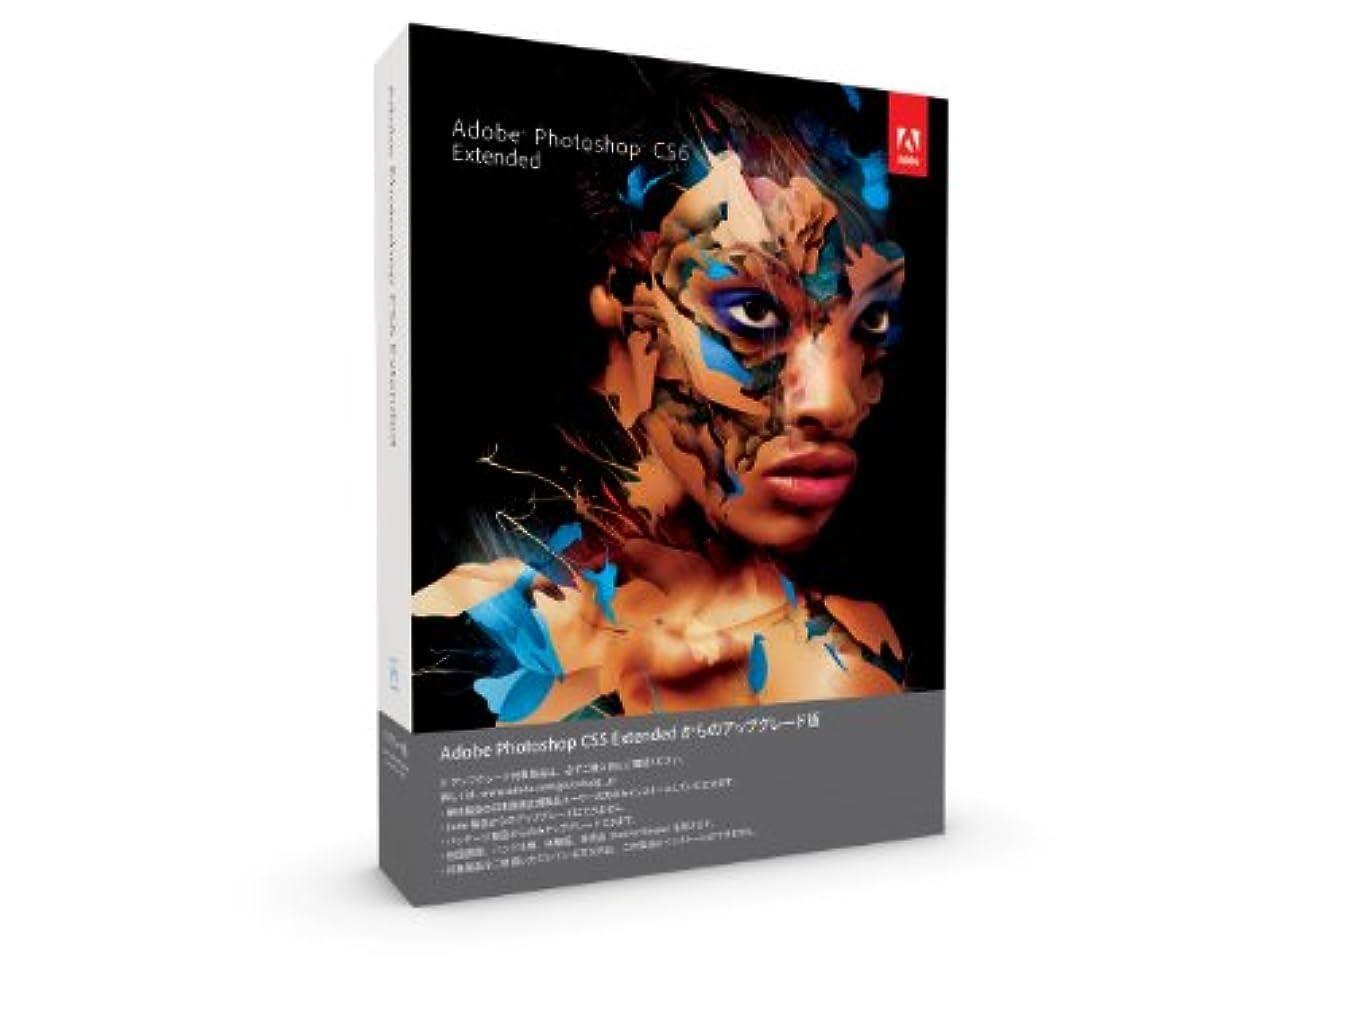 狂ったショートカット流行Adobe Photoshop CS6 Extended Windows版 アップグレード版 (旧製品)